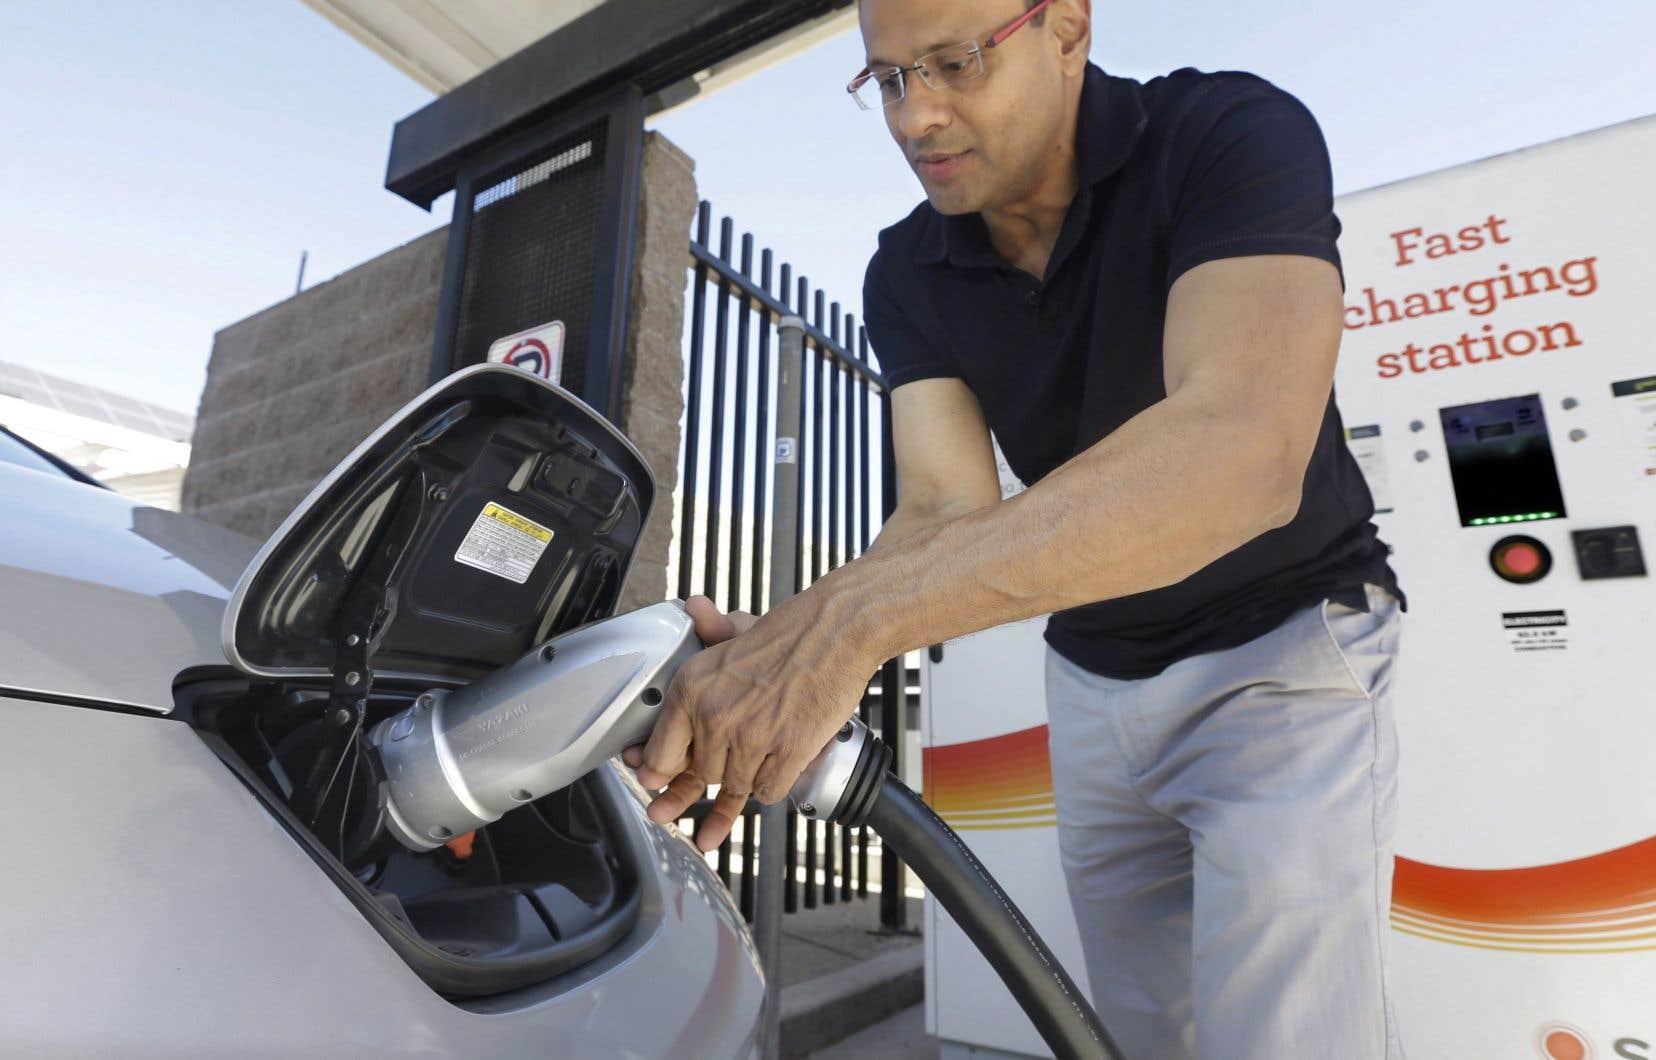 Pour réduire les plus grandes sources de GES sur la planète, l'ONU recommande le développement de nouvelles voitures «zéro émission» aux États-Unis.